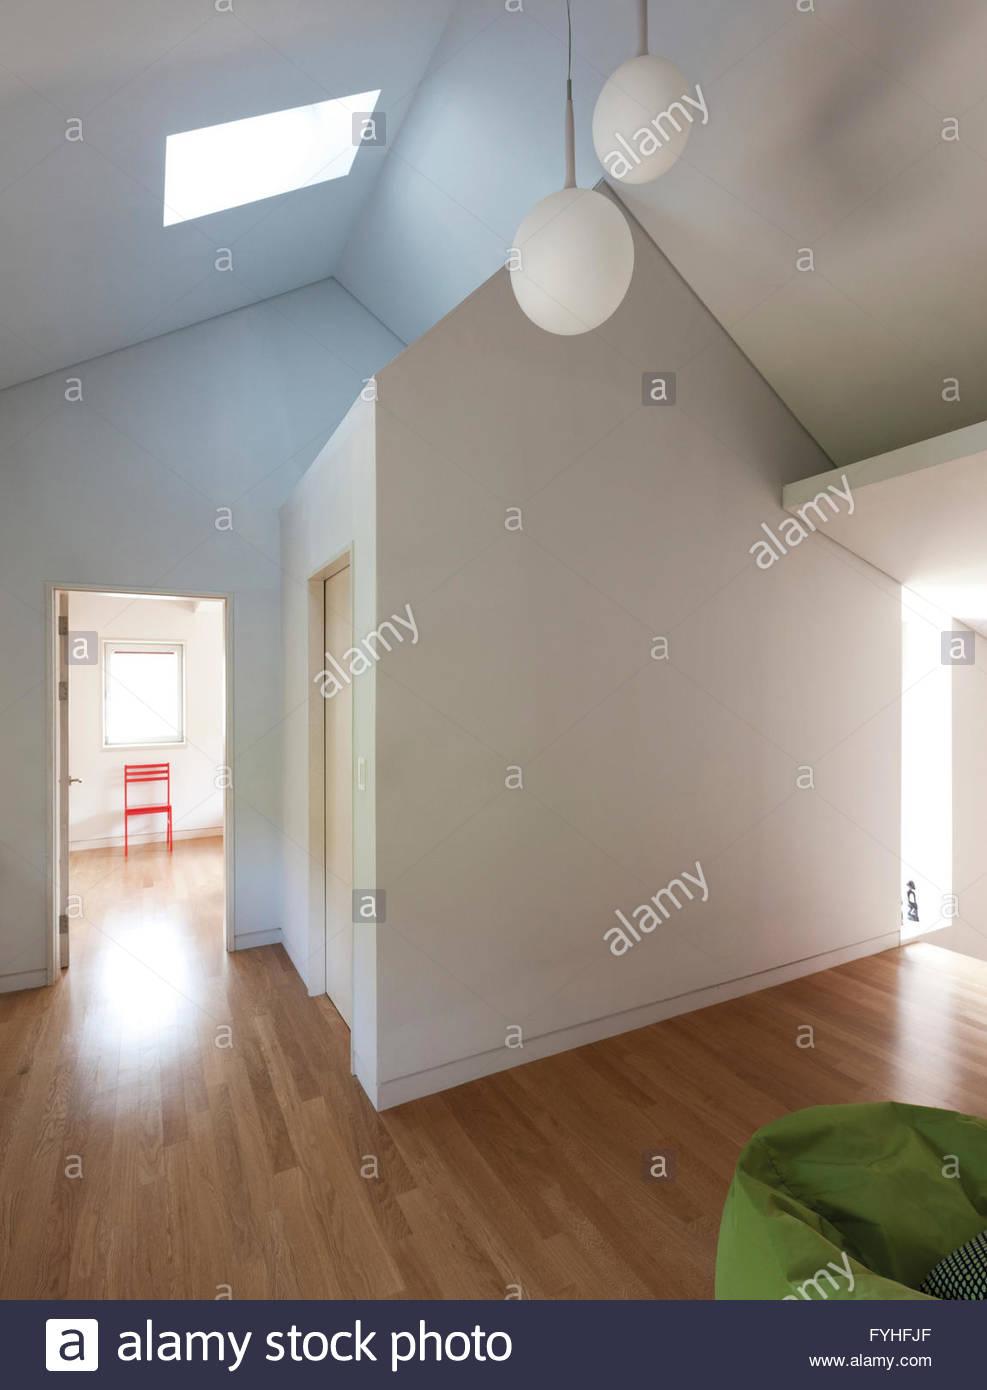 Toilette Mit Decke Zu Boden Fenster Stockfotos Toilette Mit Decke